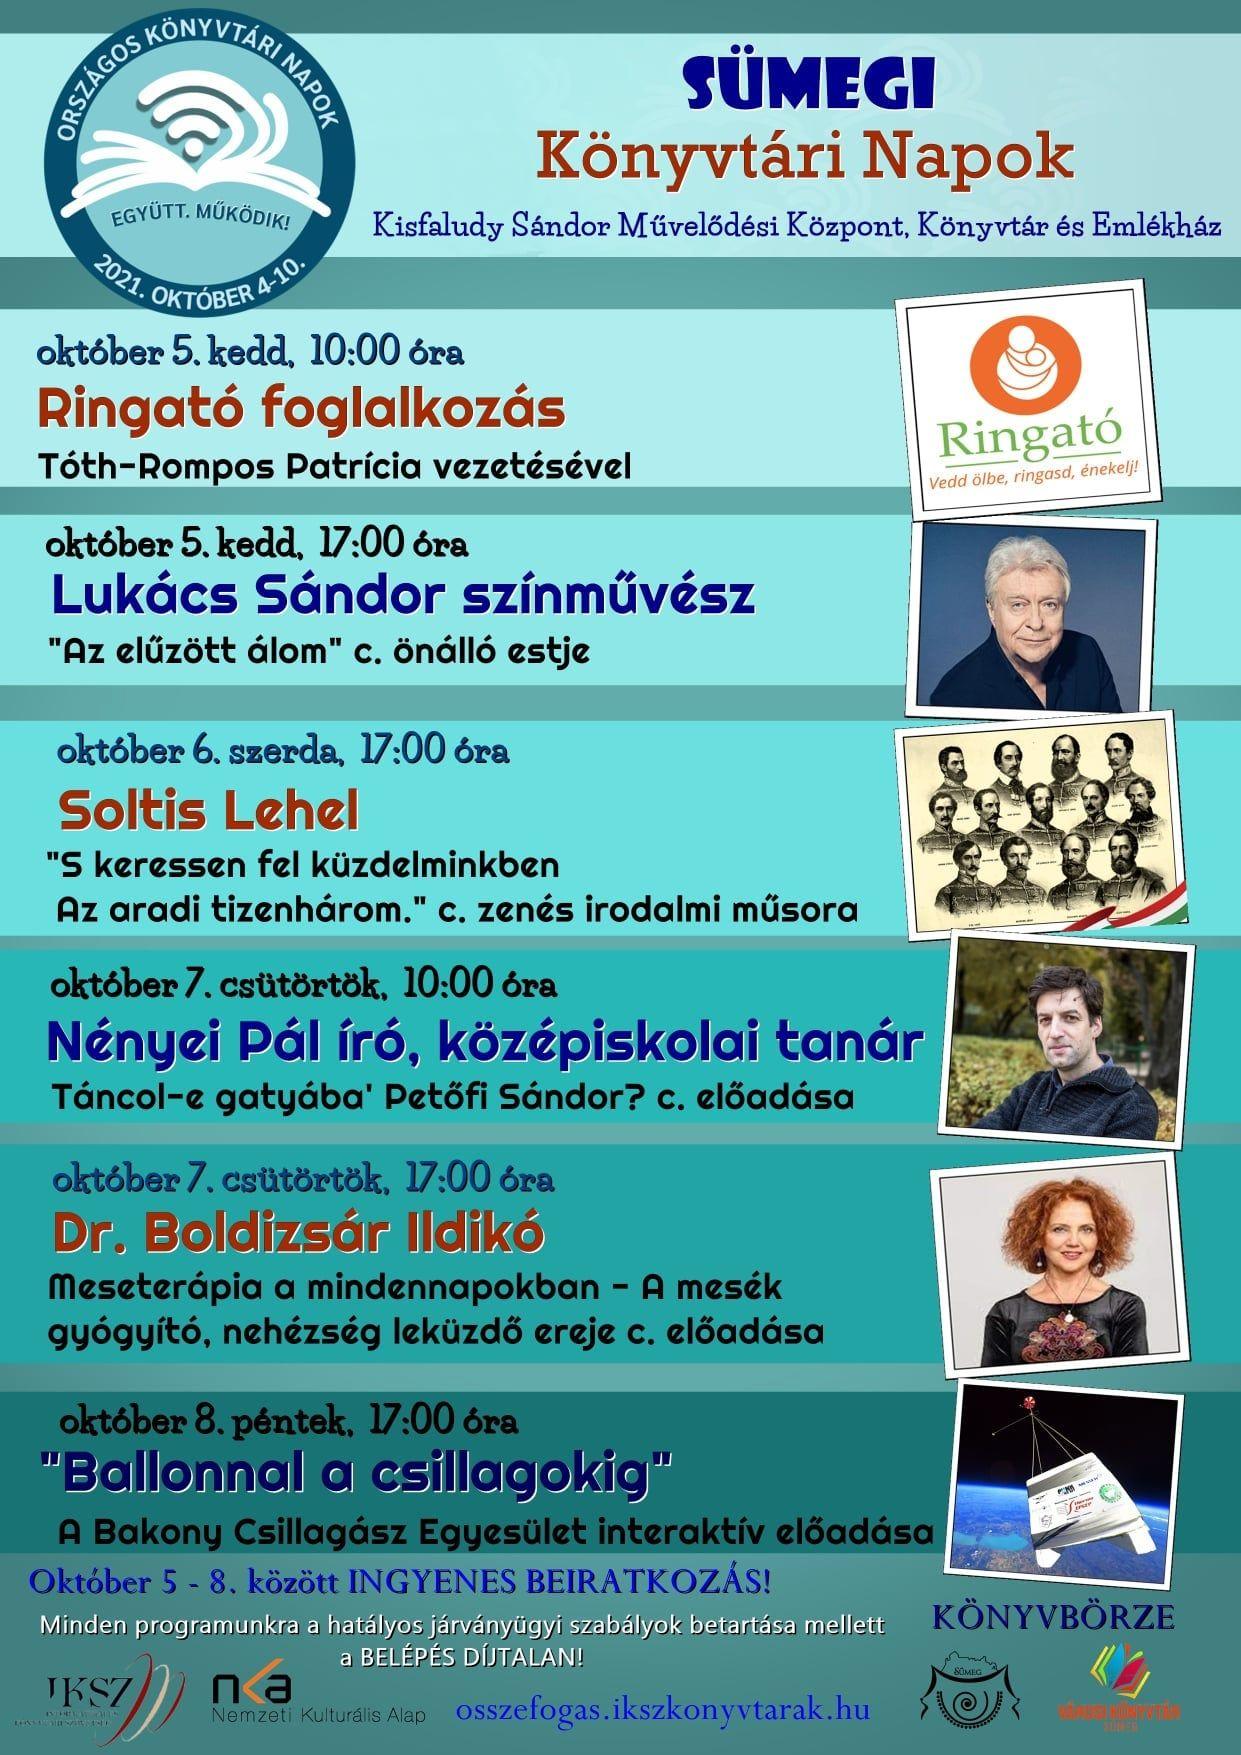 Könyvtári napok: Soltis Lehet- zenés irodalmi műsora